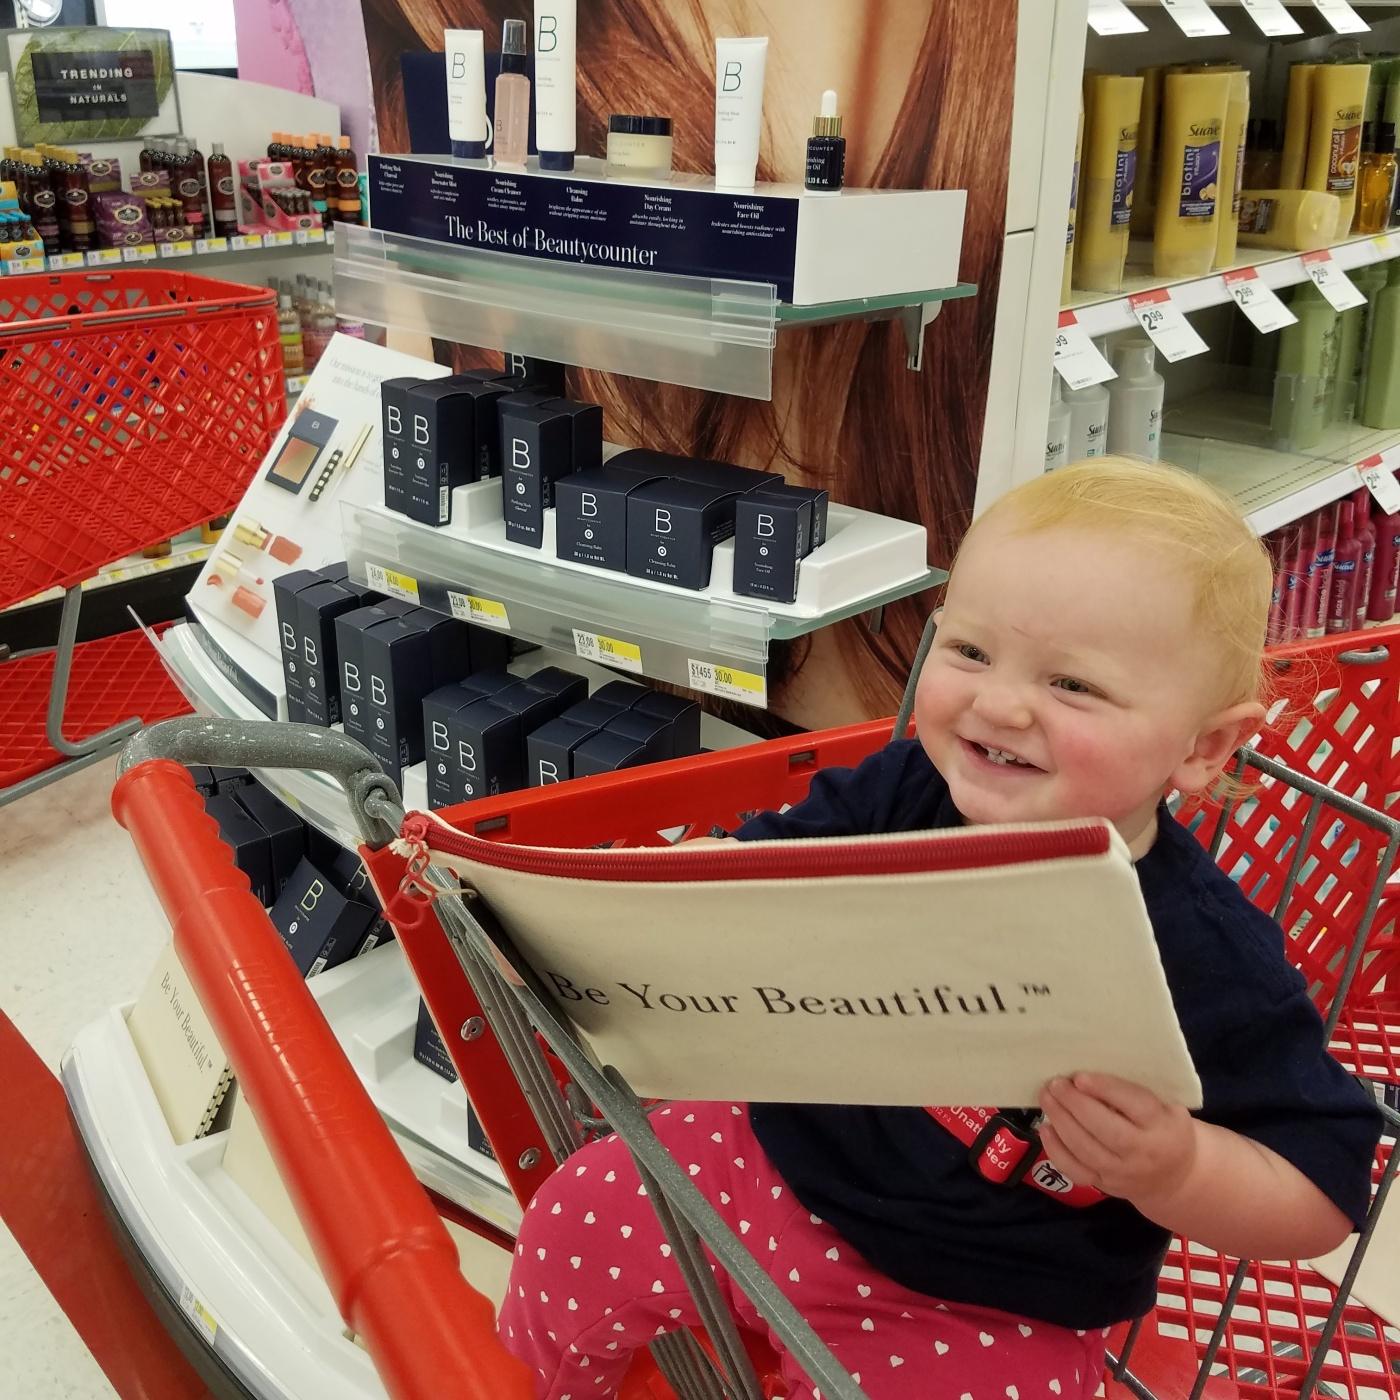 Better Beauty Vermont Beautycounter Target Toddler